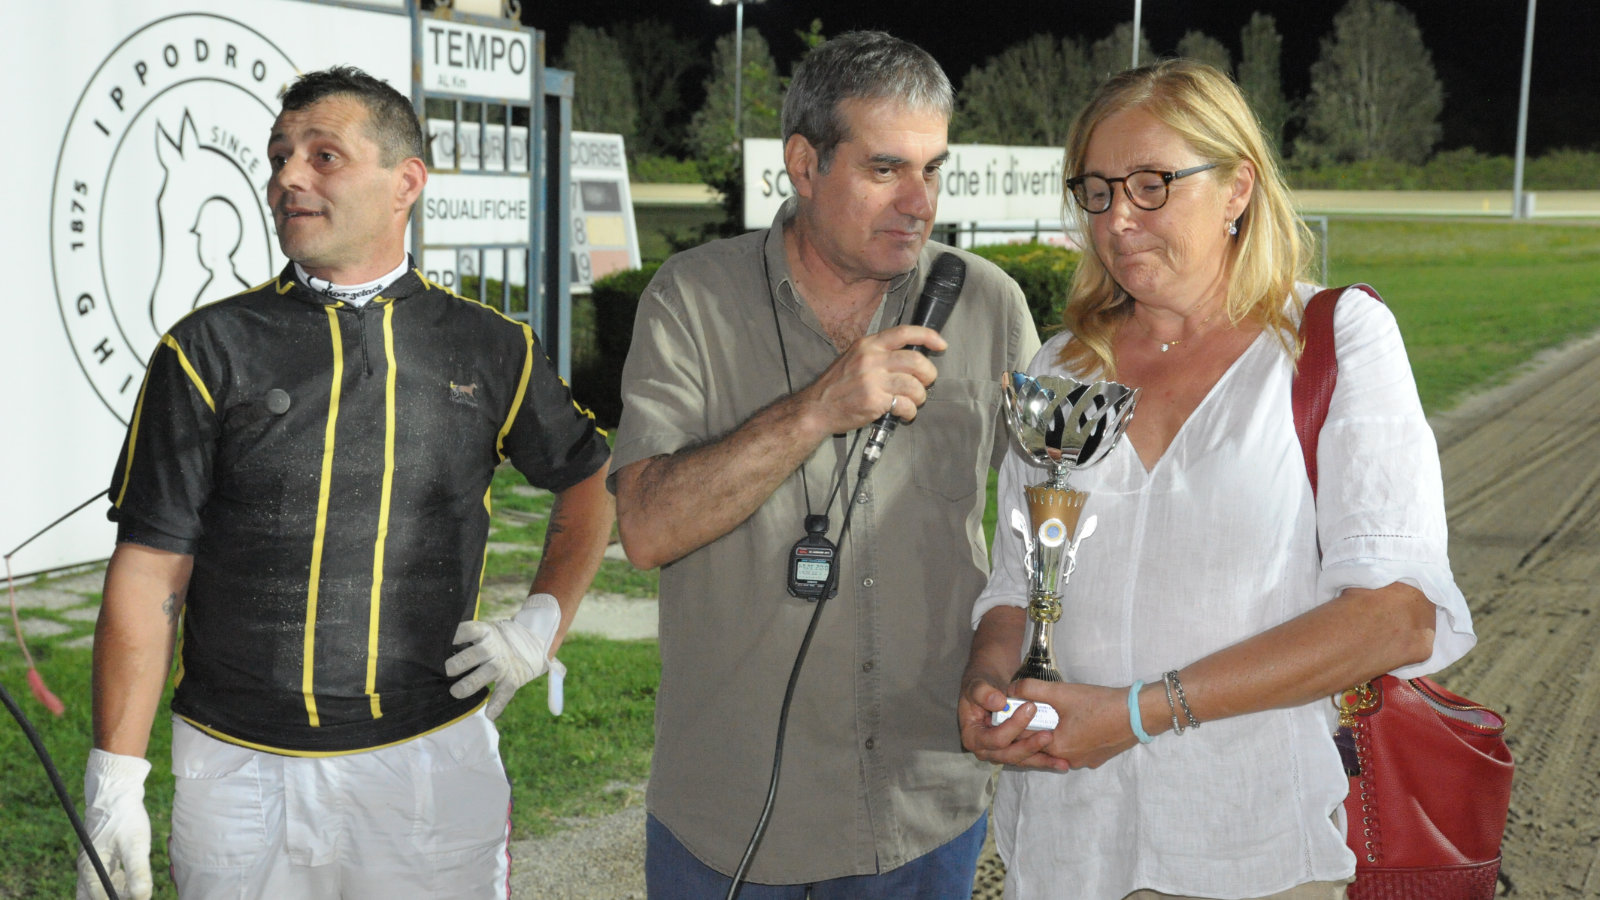 2019-07-21-corsa-4-03